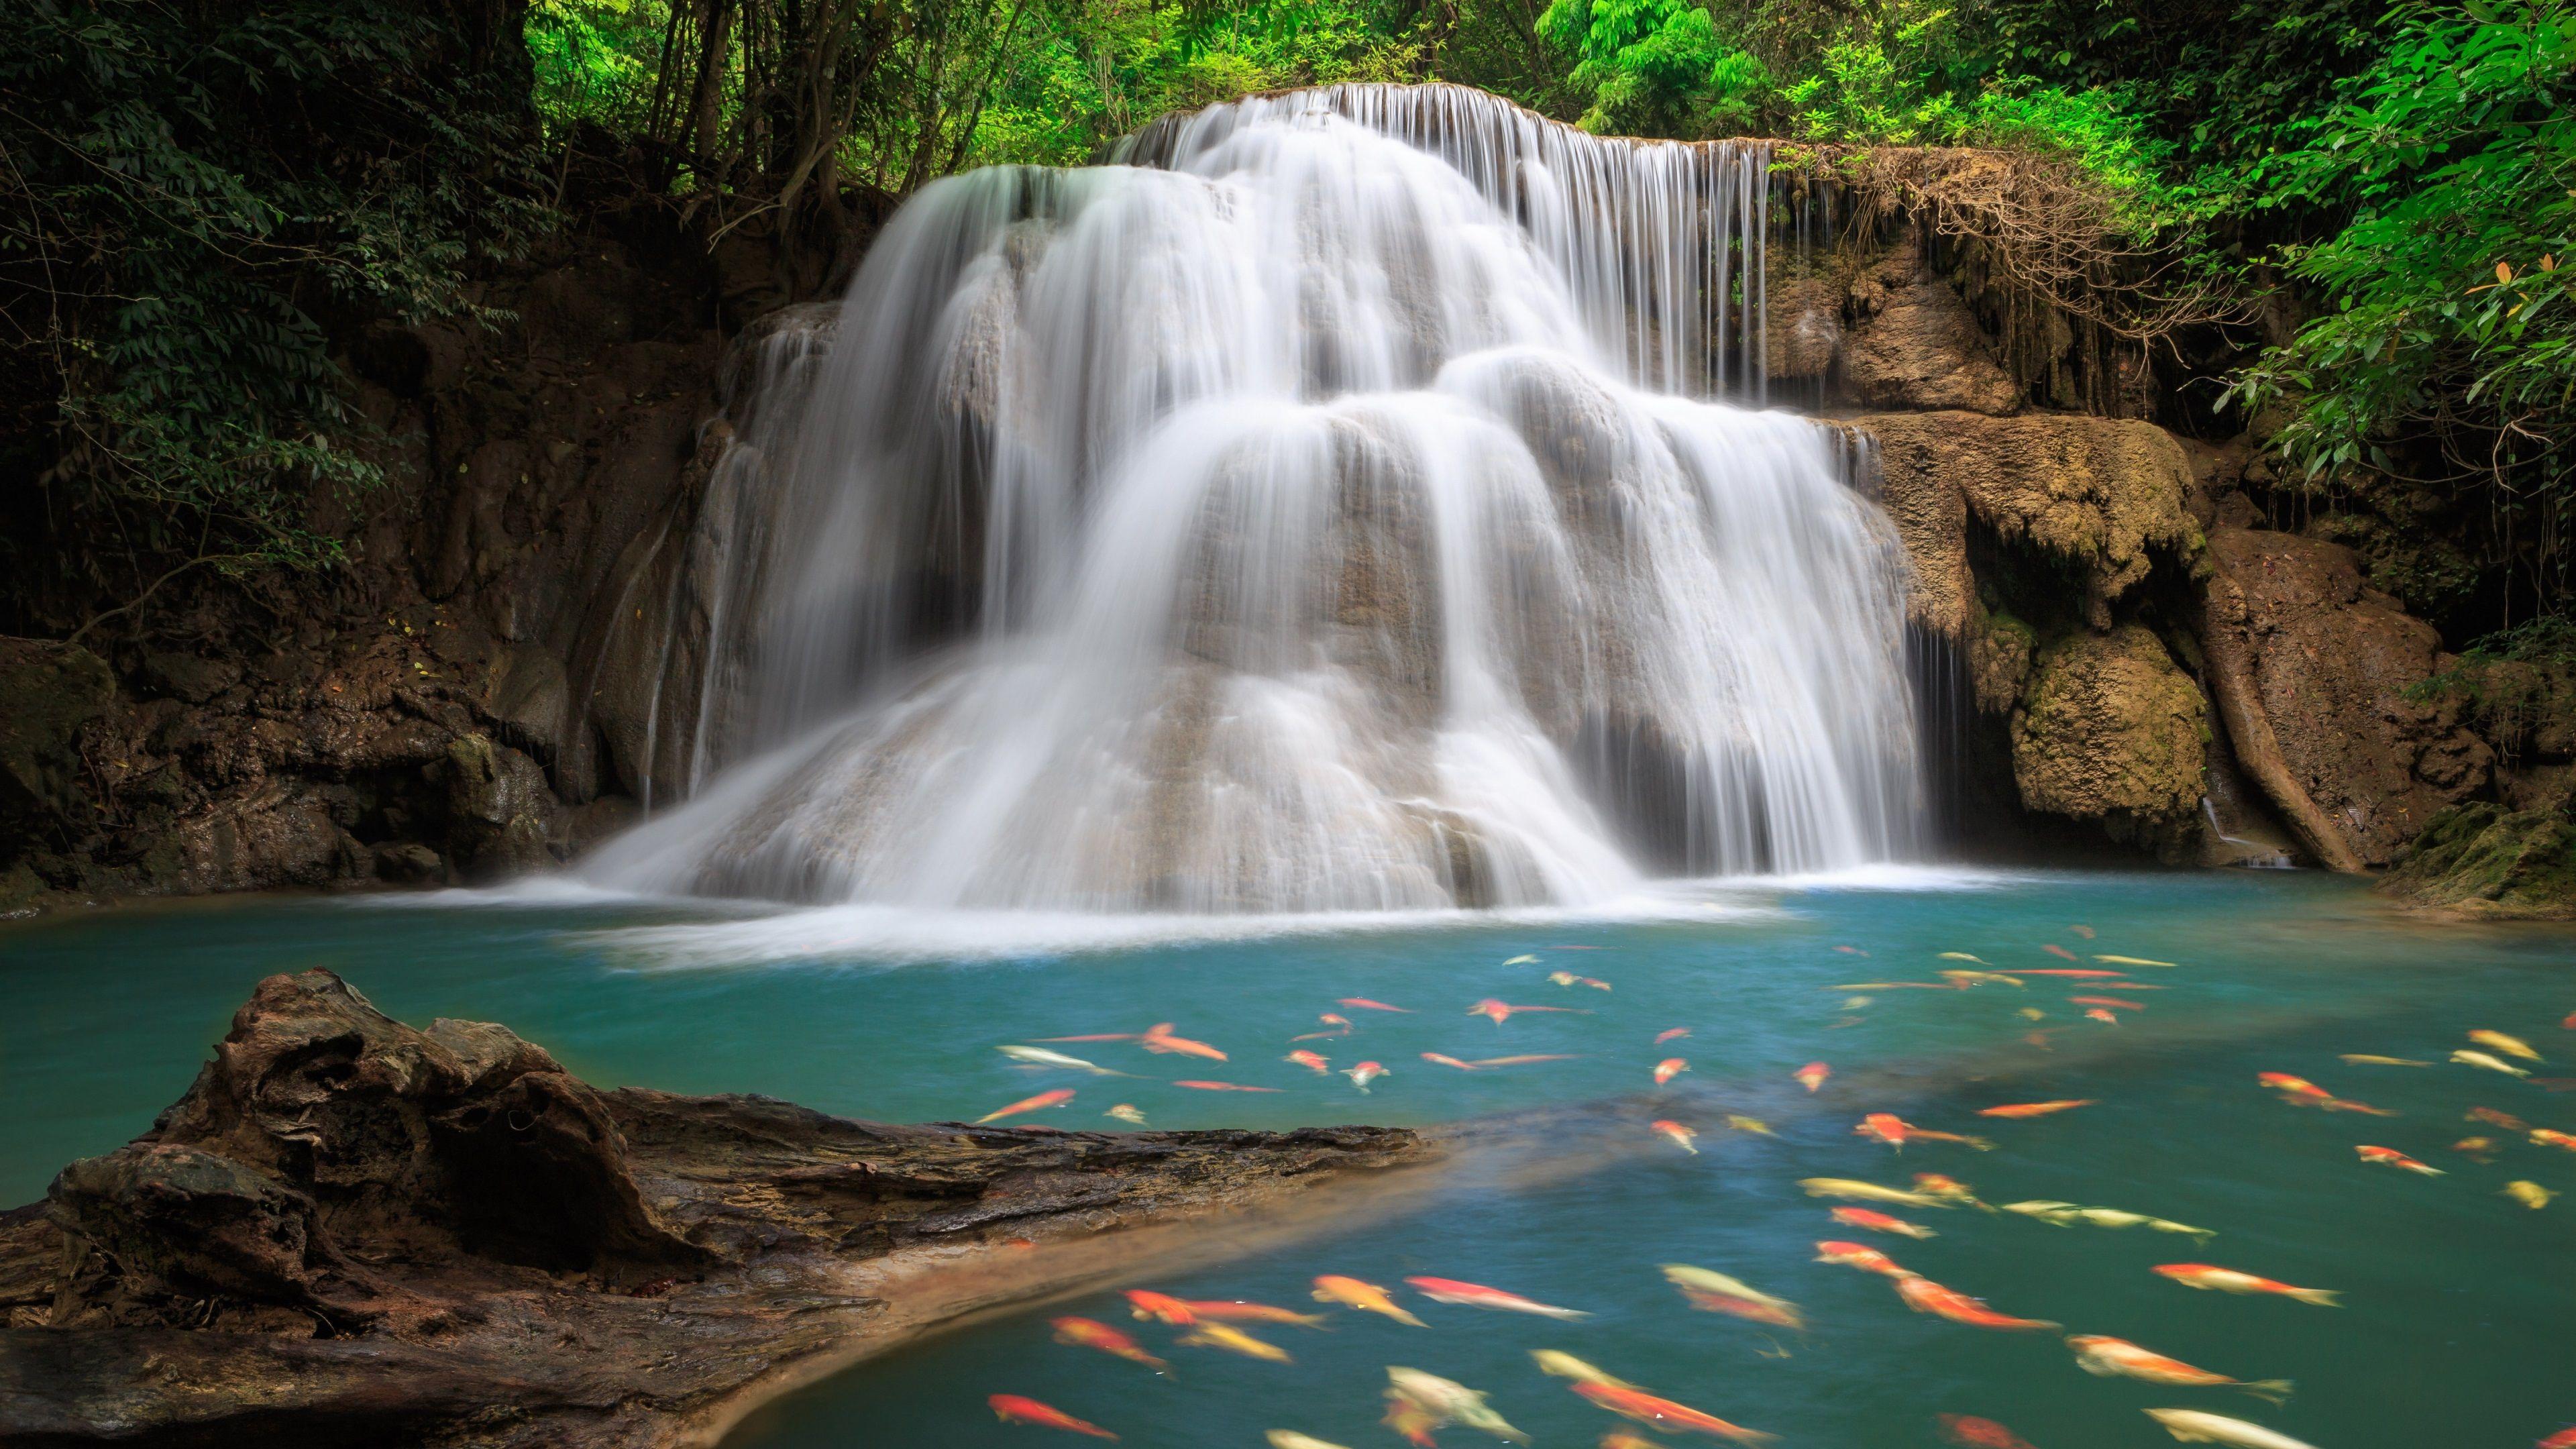 خلفيات طبيعية عالية الجودة 4k Ultra Hd Tecnologis Waterfall Wallpaper Waterfall Scenery